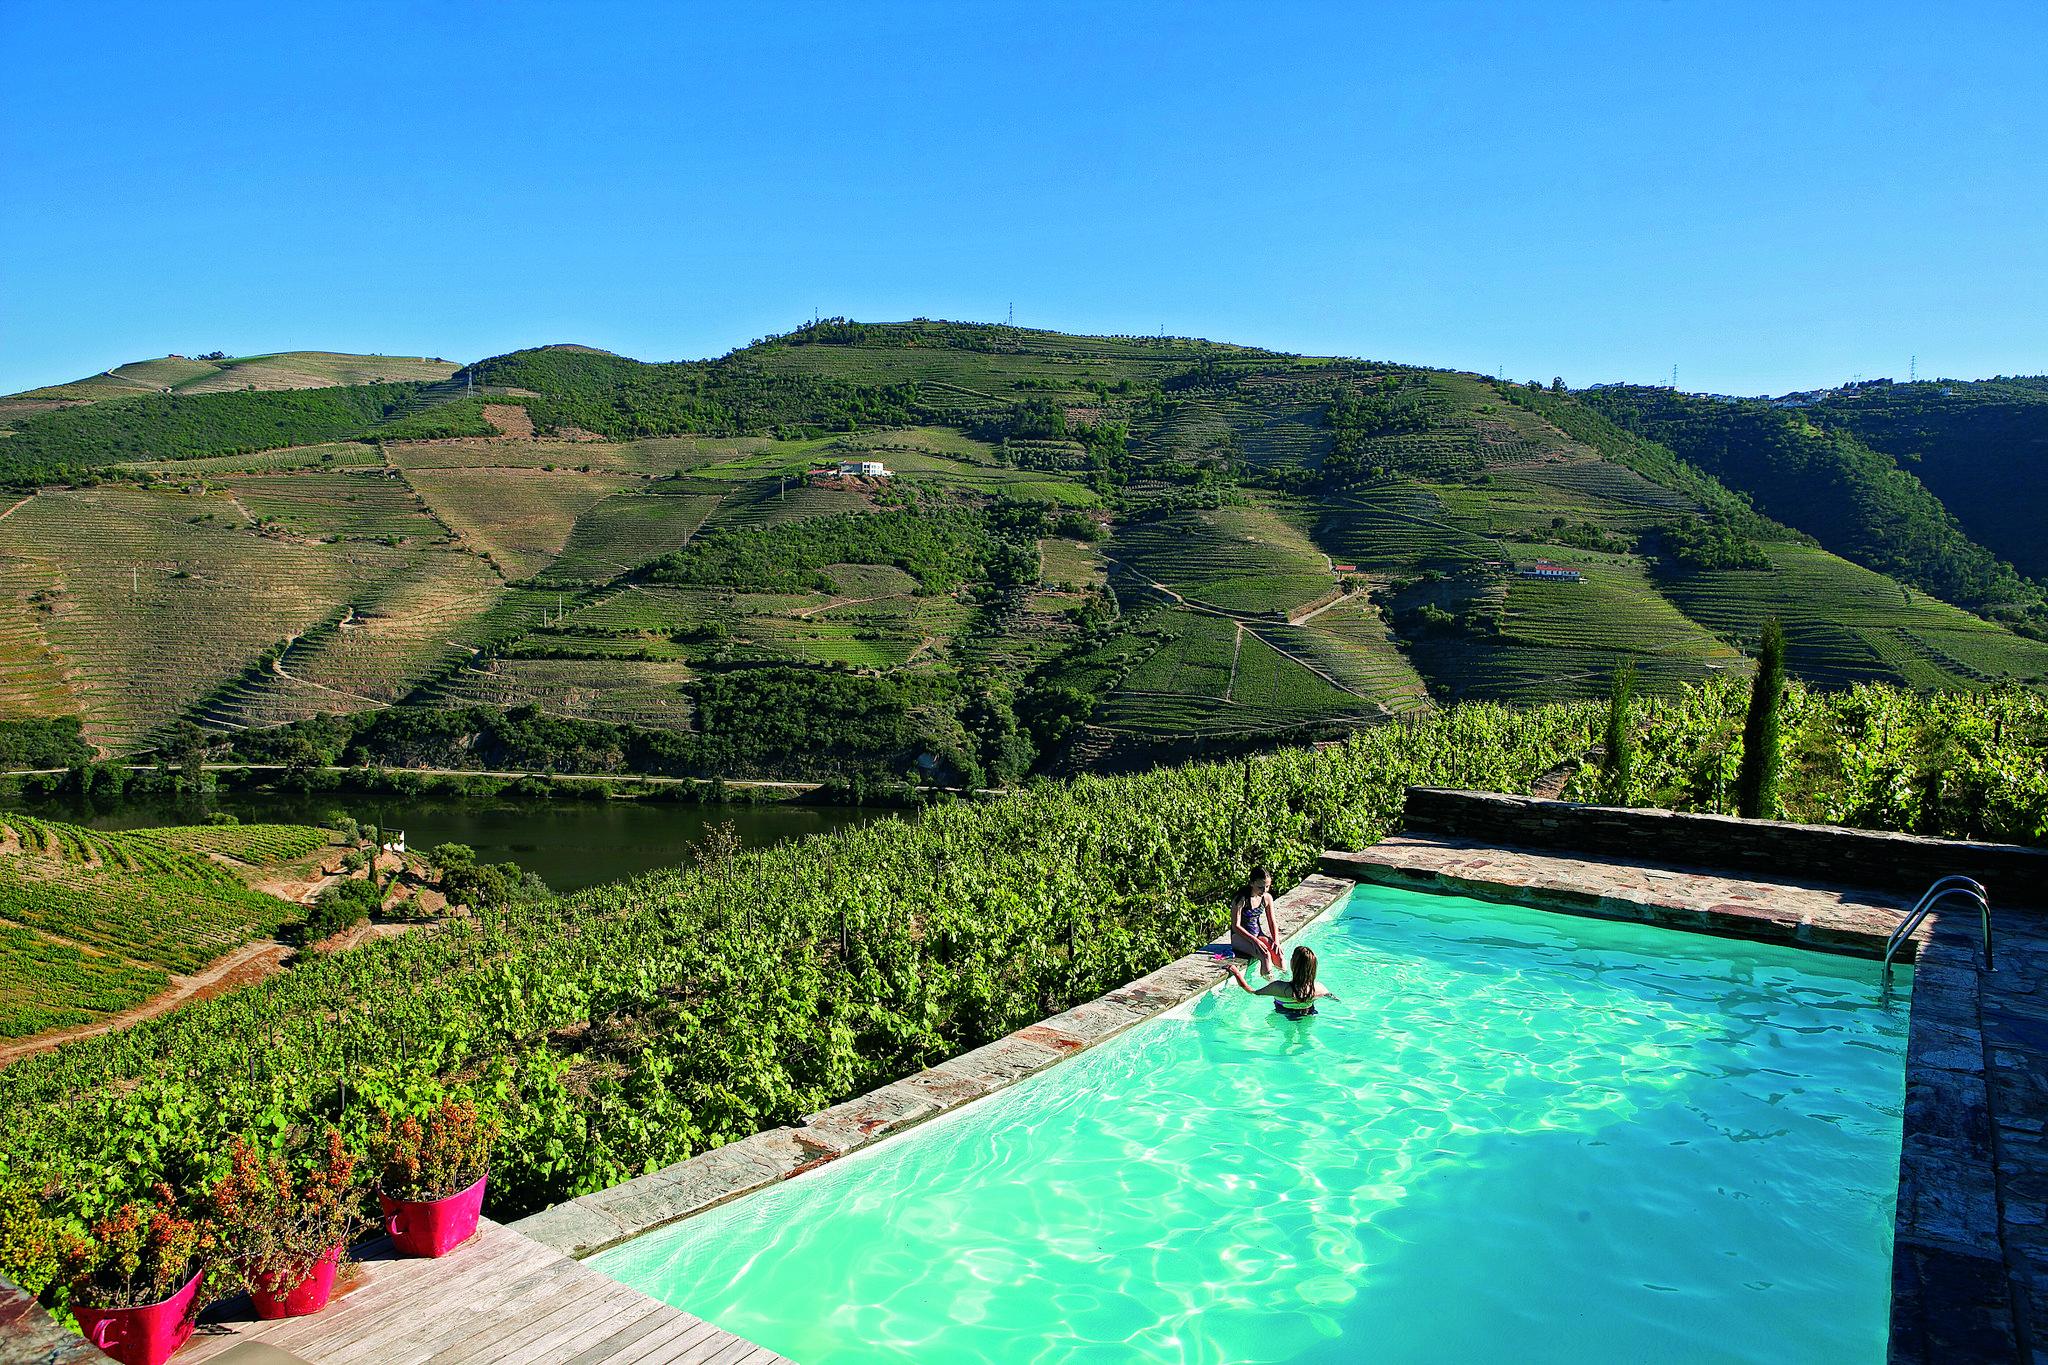 Quinta Nova de Nossa Senhora do Carmo: Dias lentos a olhar as vinhas do Douro